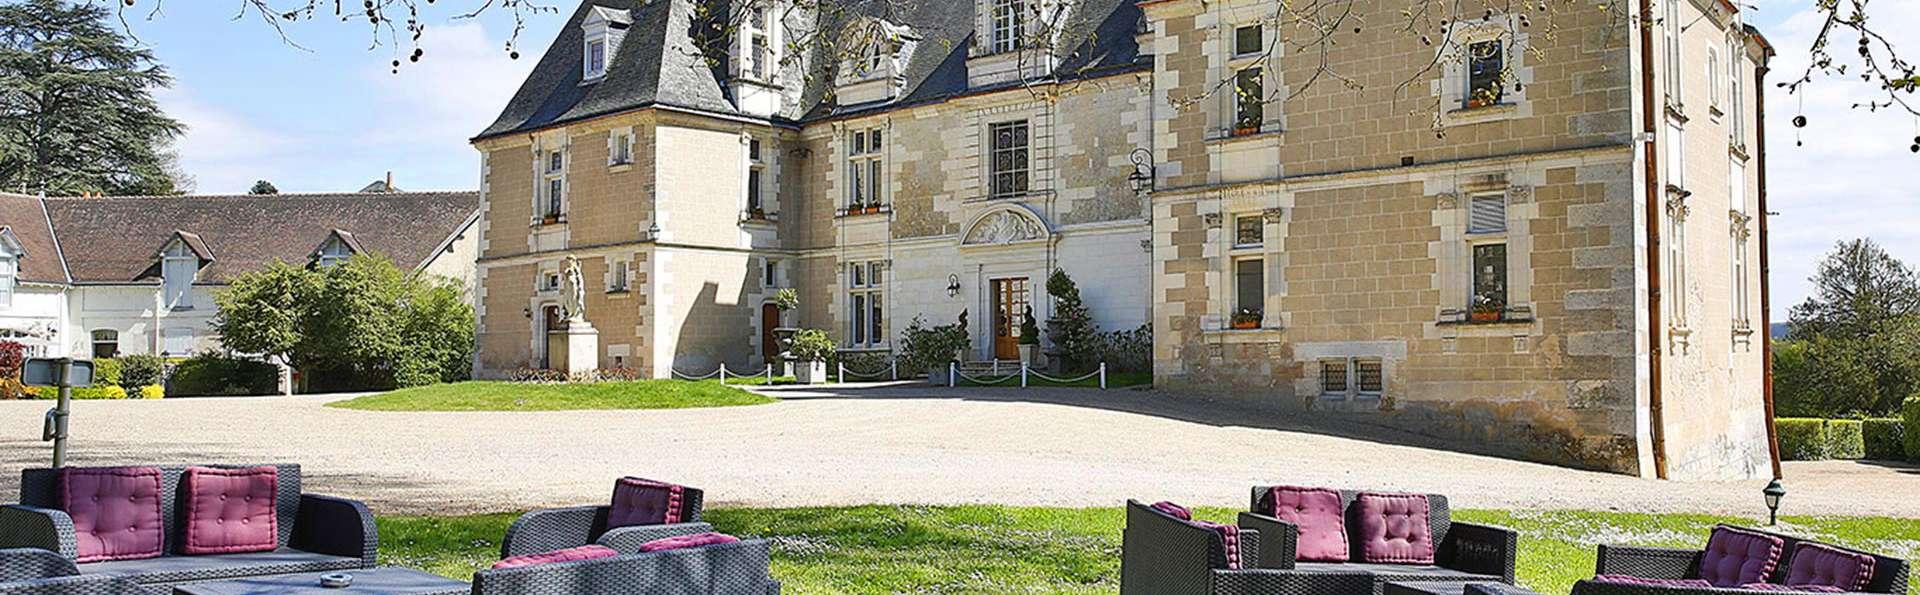 Week-end dans un superbe château au cœur de la Touraine